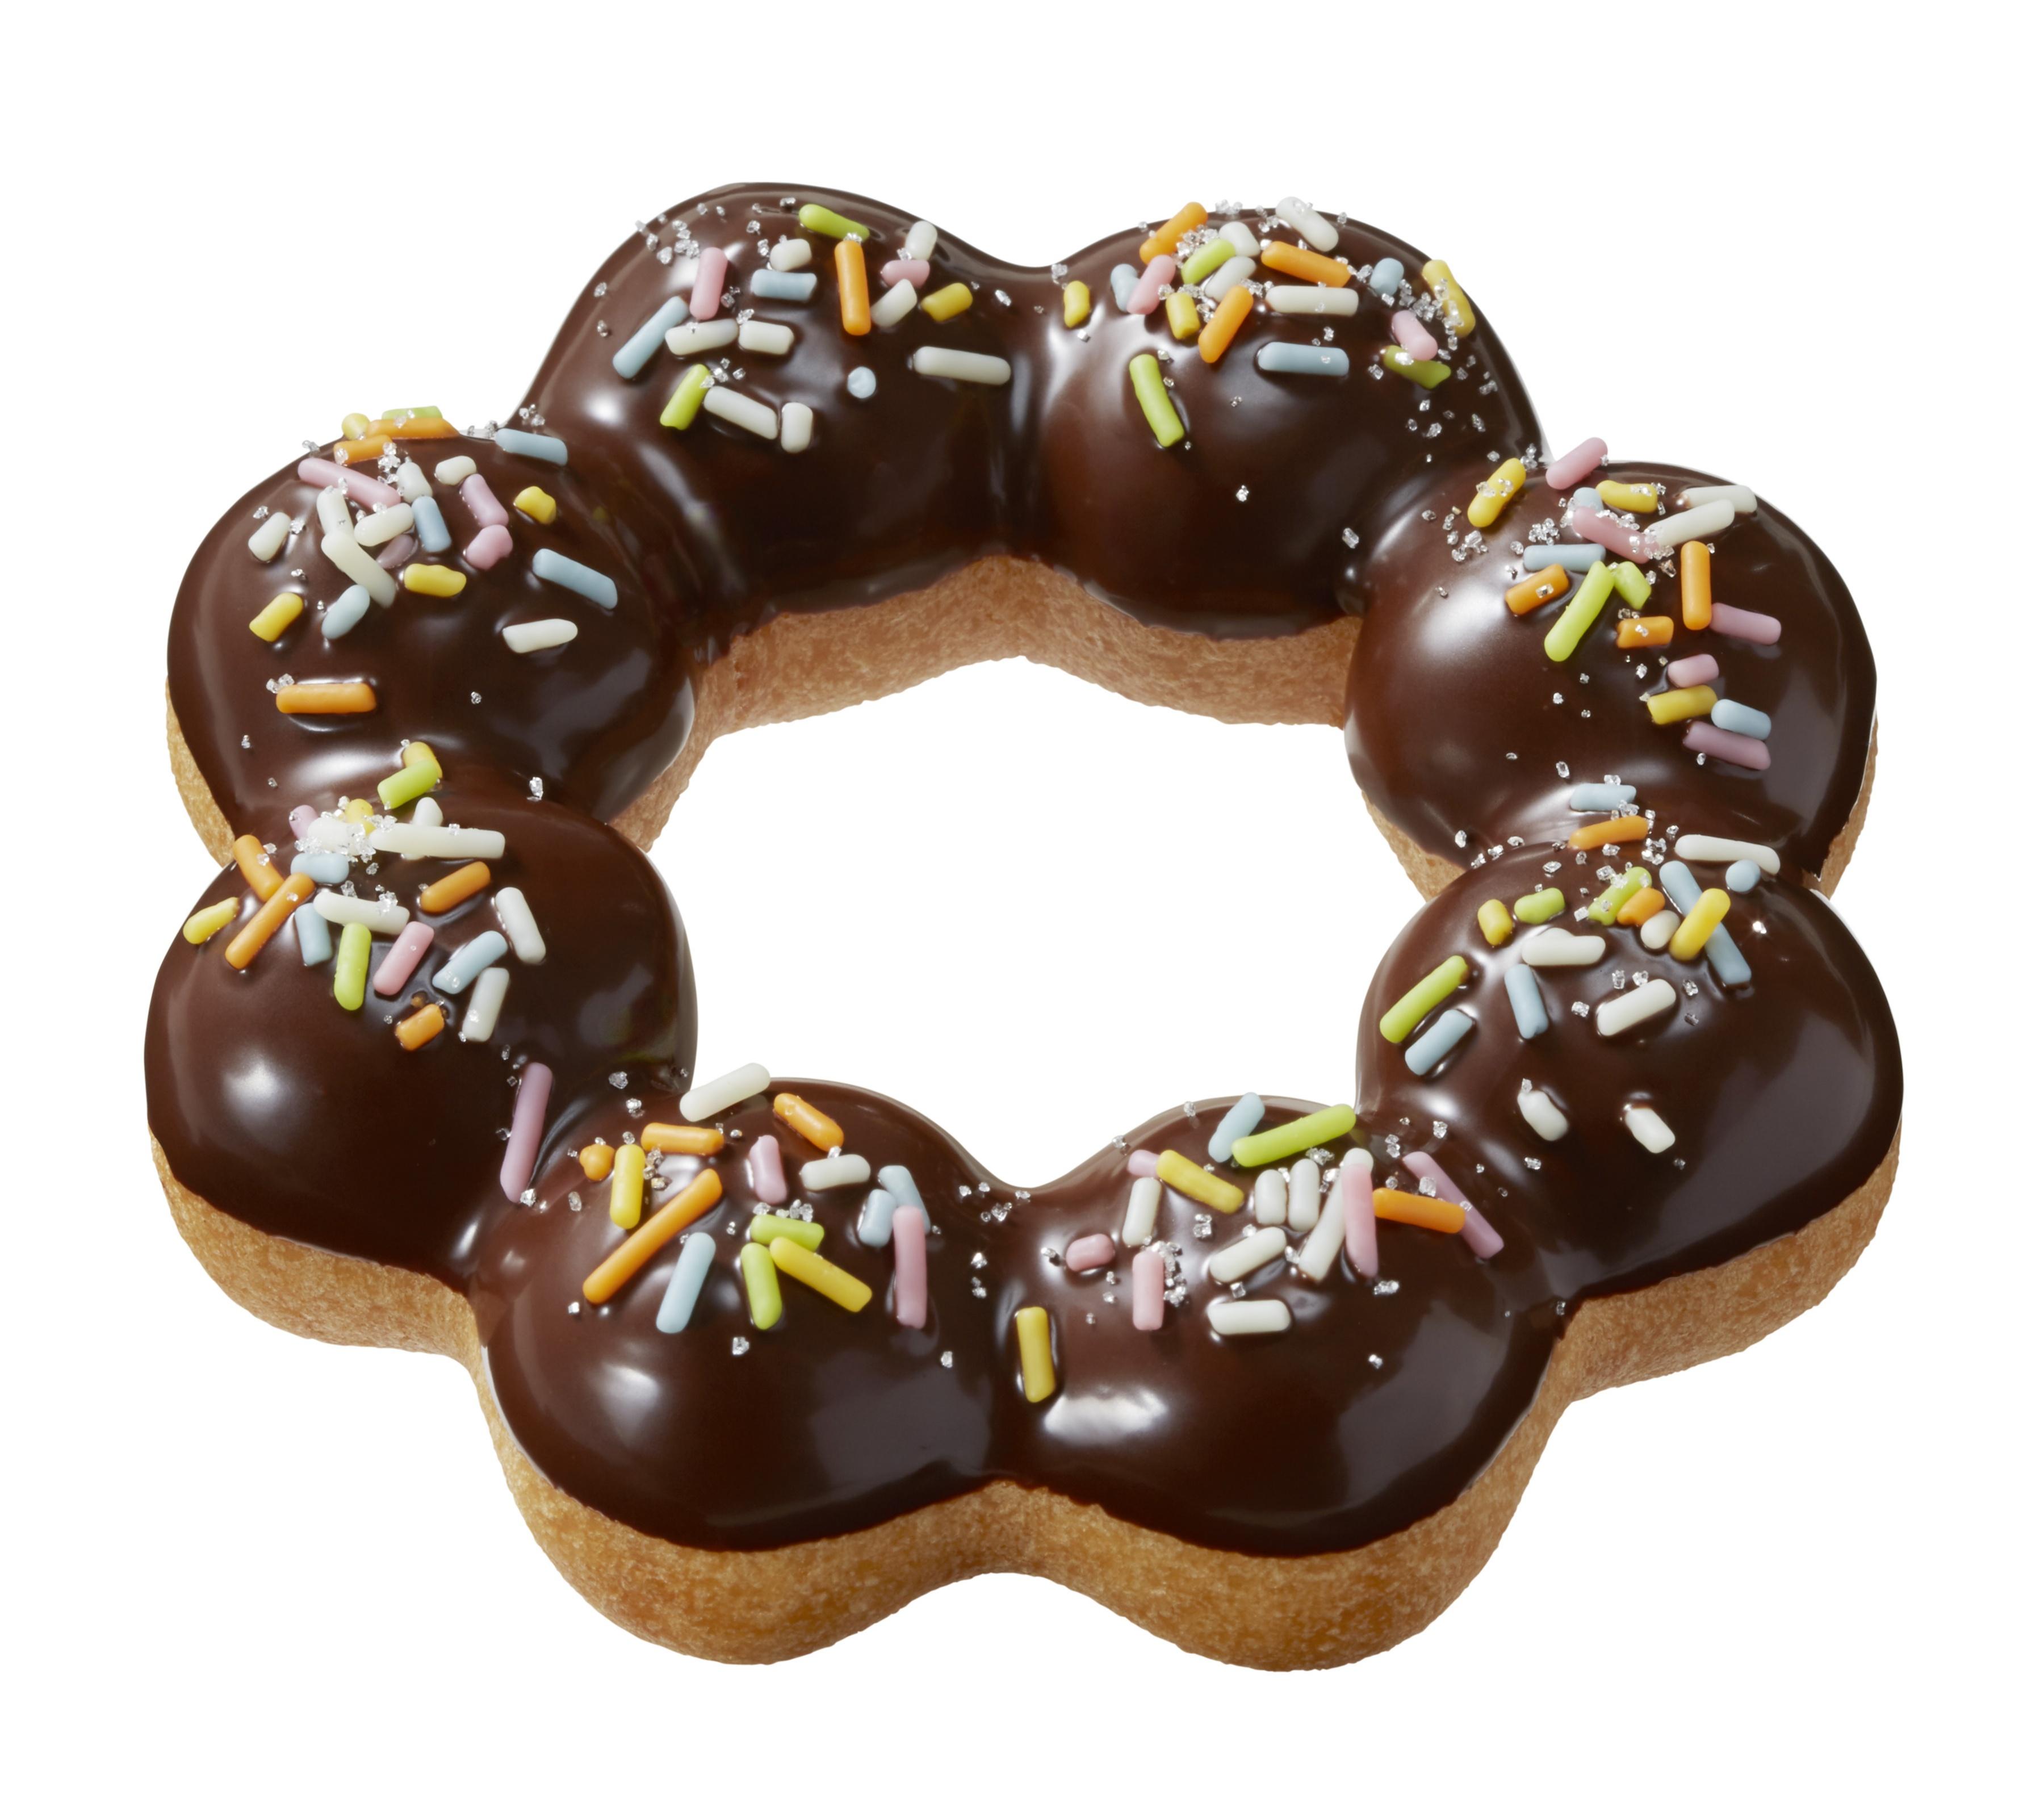 ミスドのクリスマスは『ポケモン』と一緒♡ 「ピカチュウ ドーナツ」が、可愛すぎて食べられない!_2_1